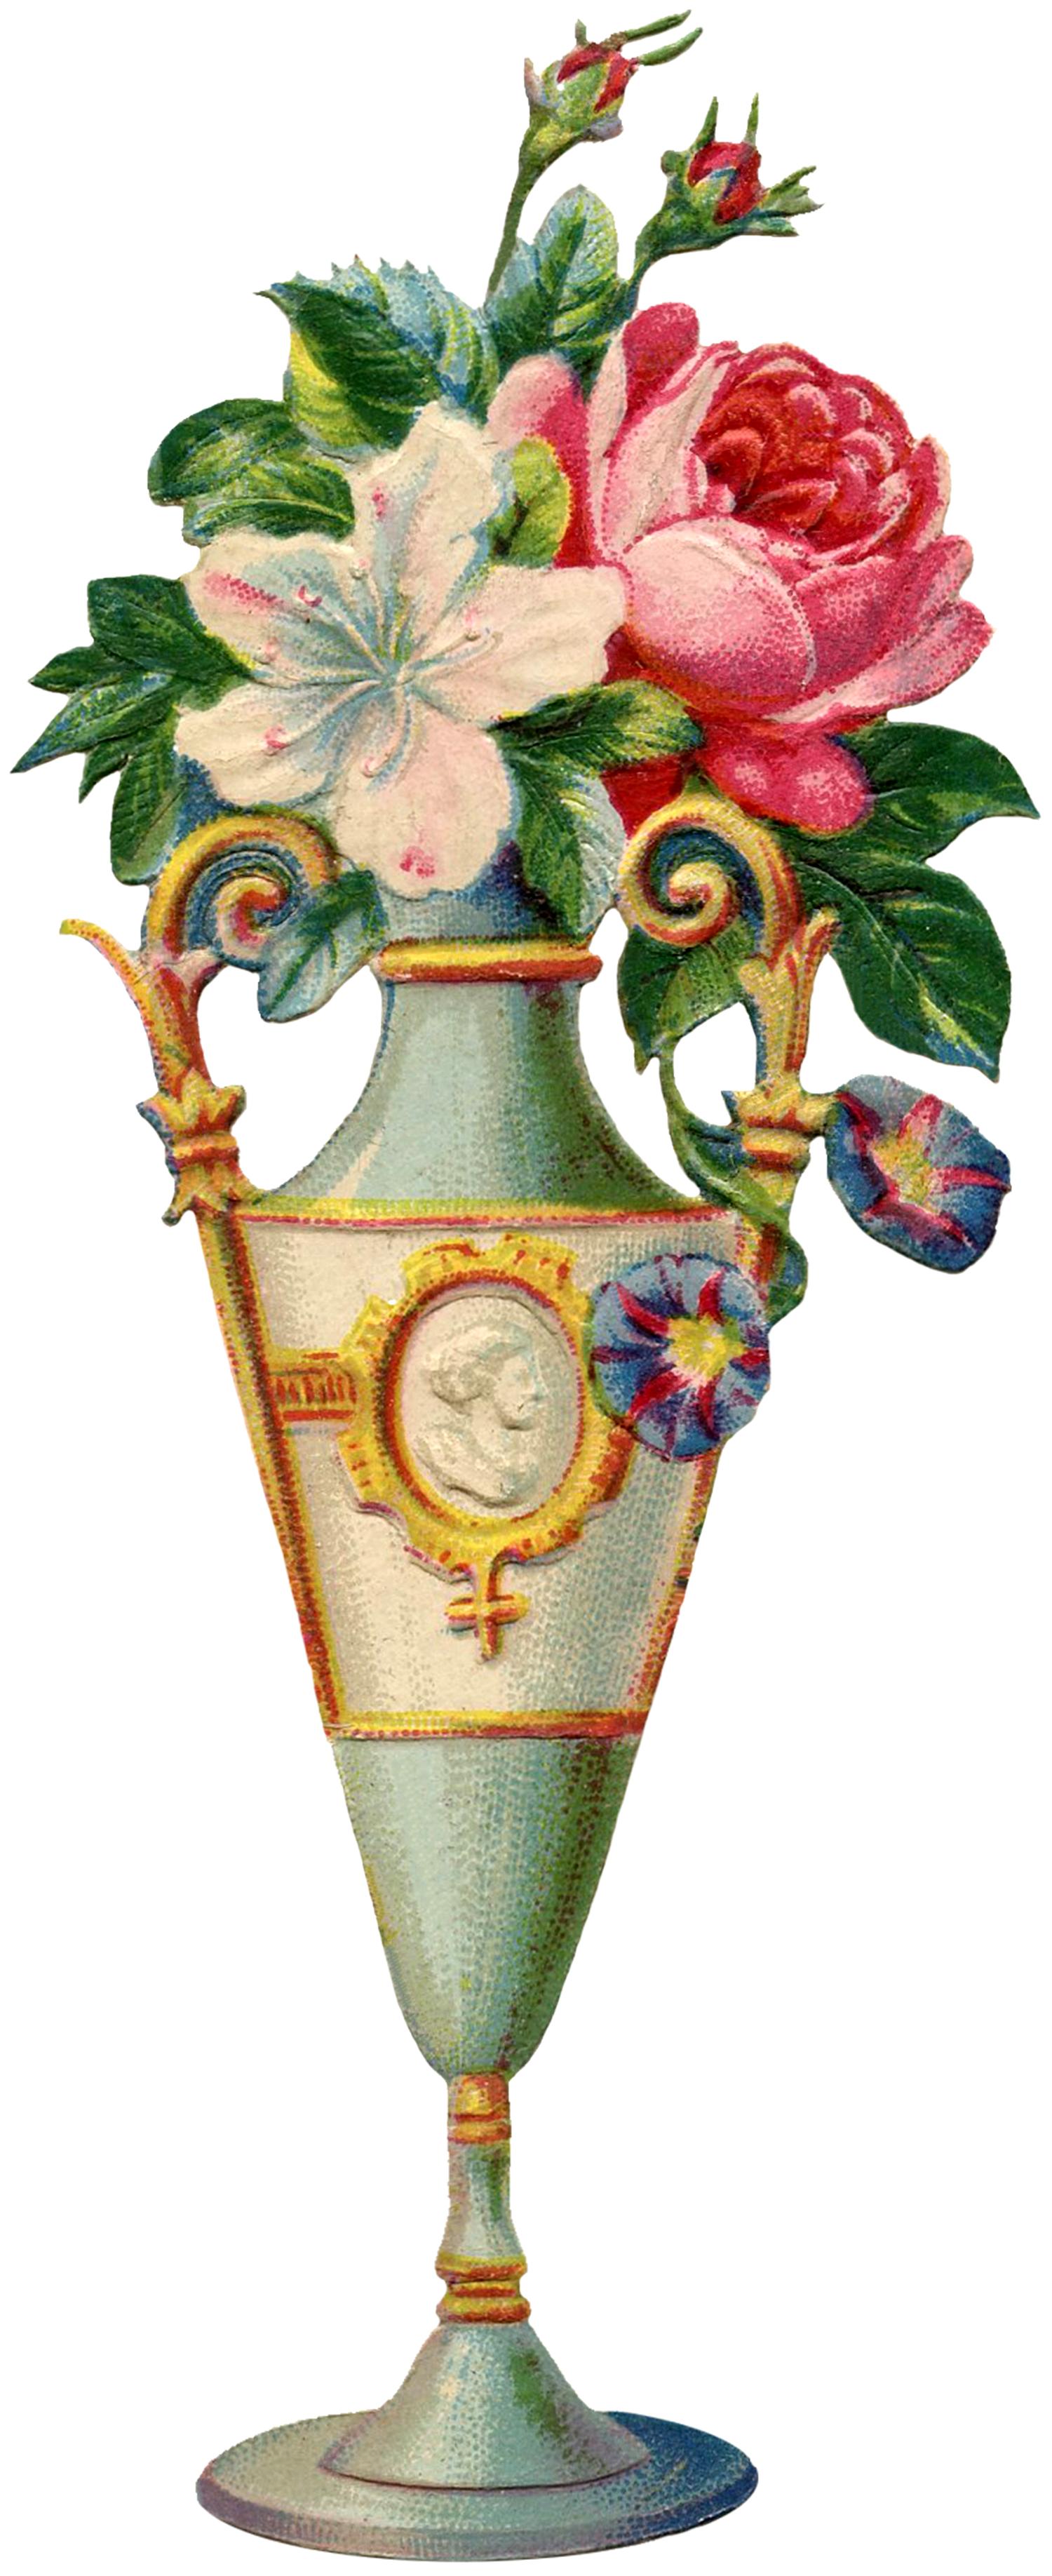 Floral Vase Image.